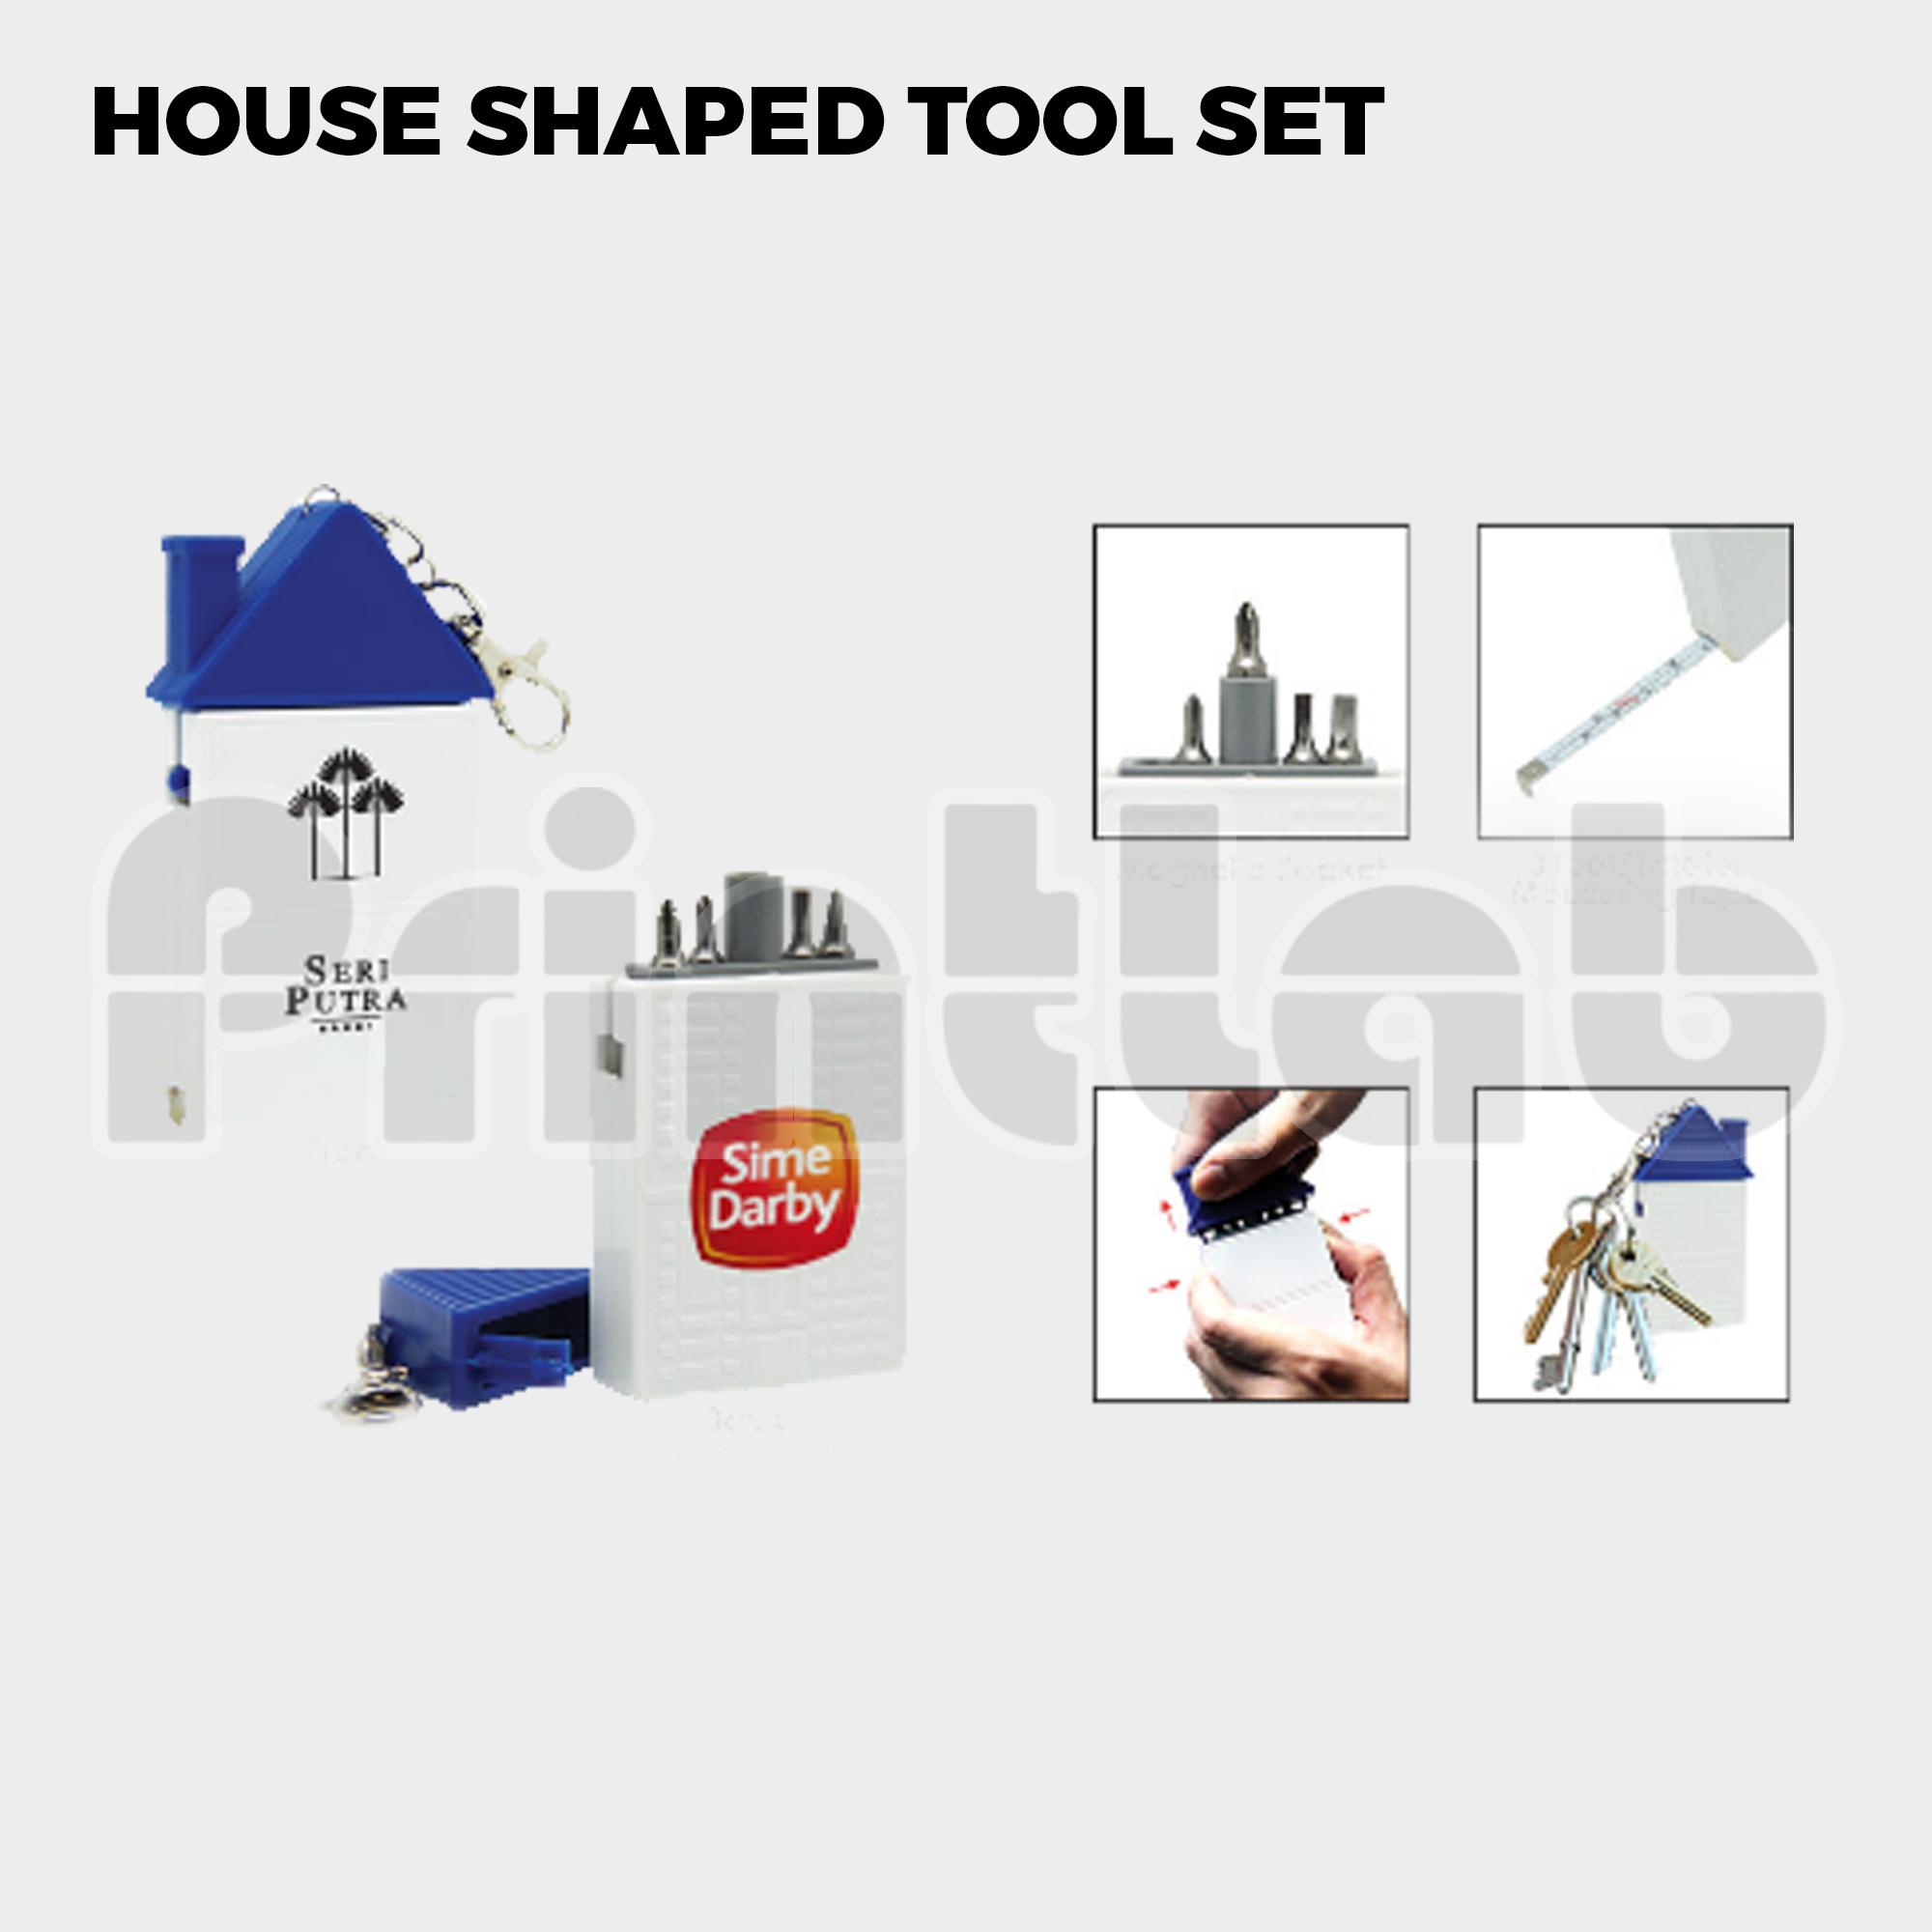 House Shaped Tool Set